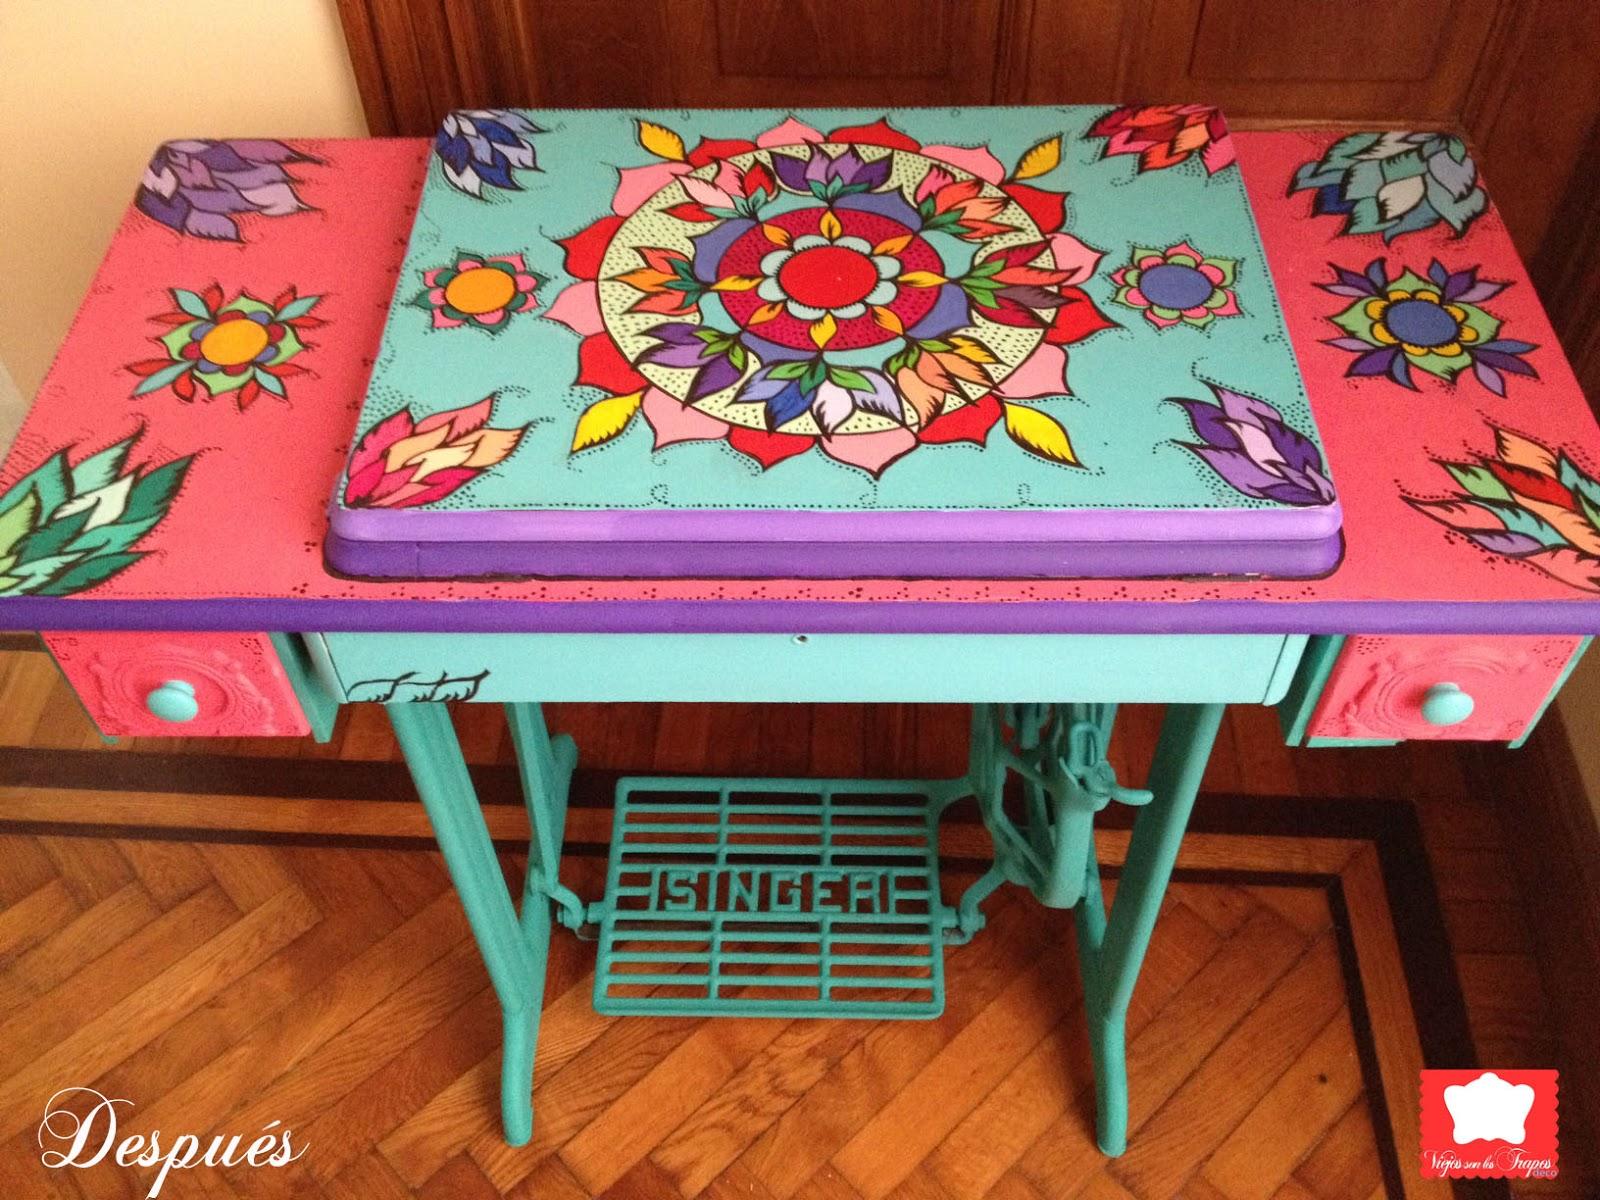 Reciclado de muebles antiguos imagenes - Decoracion vintage reciclado ...